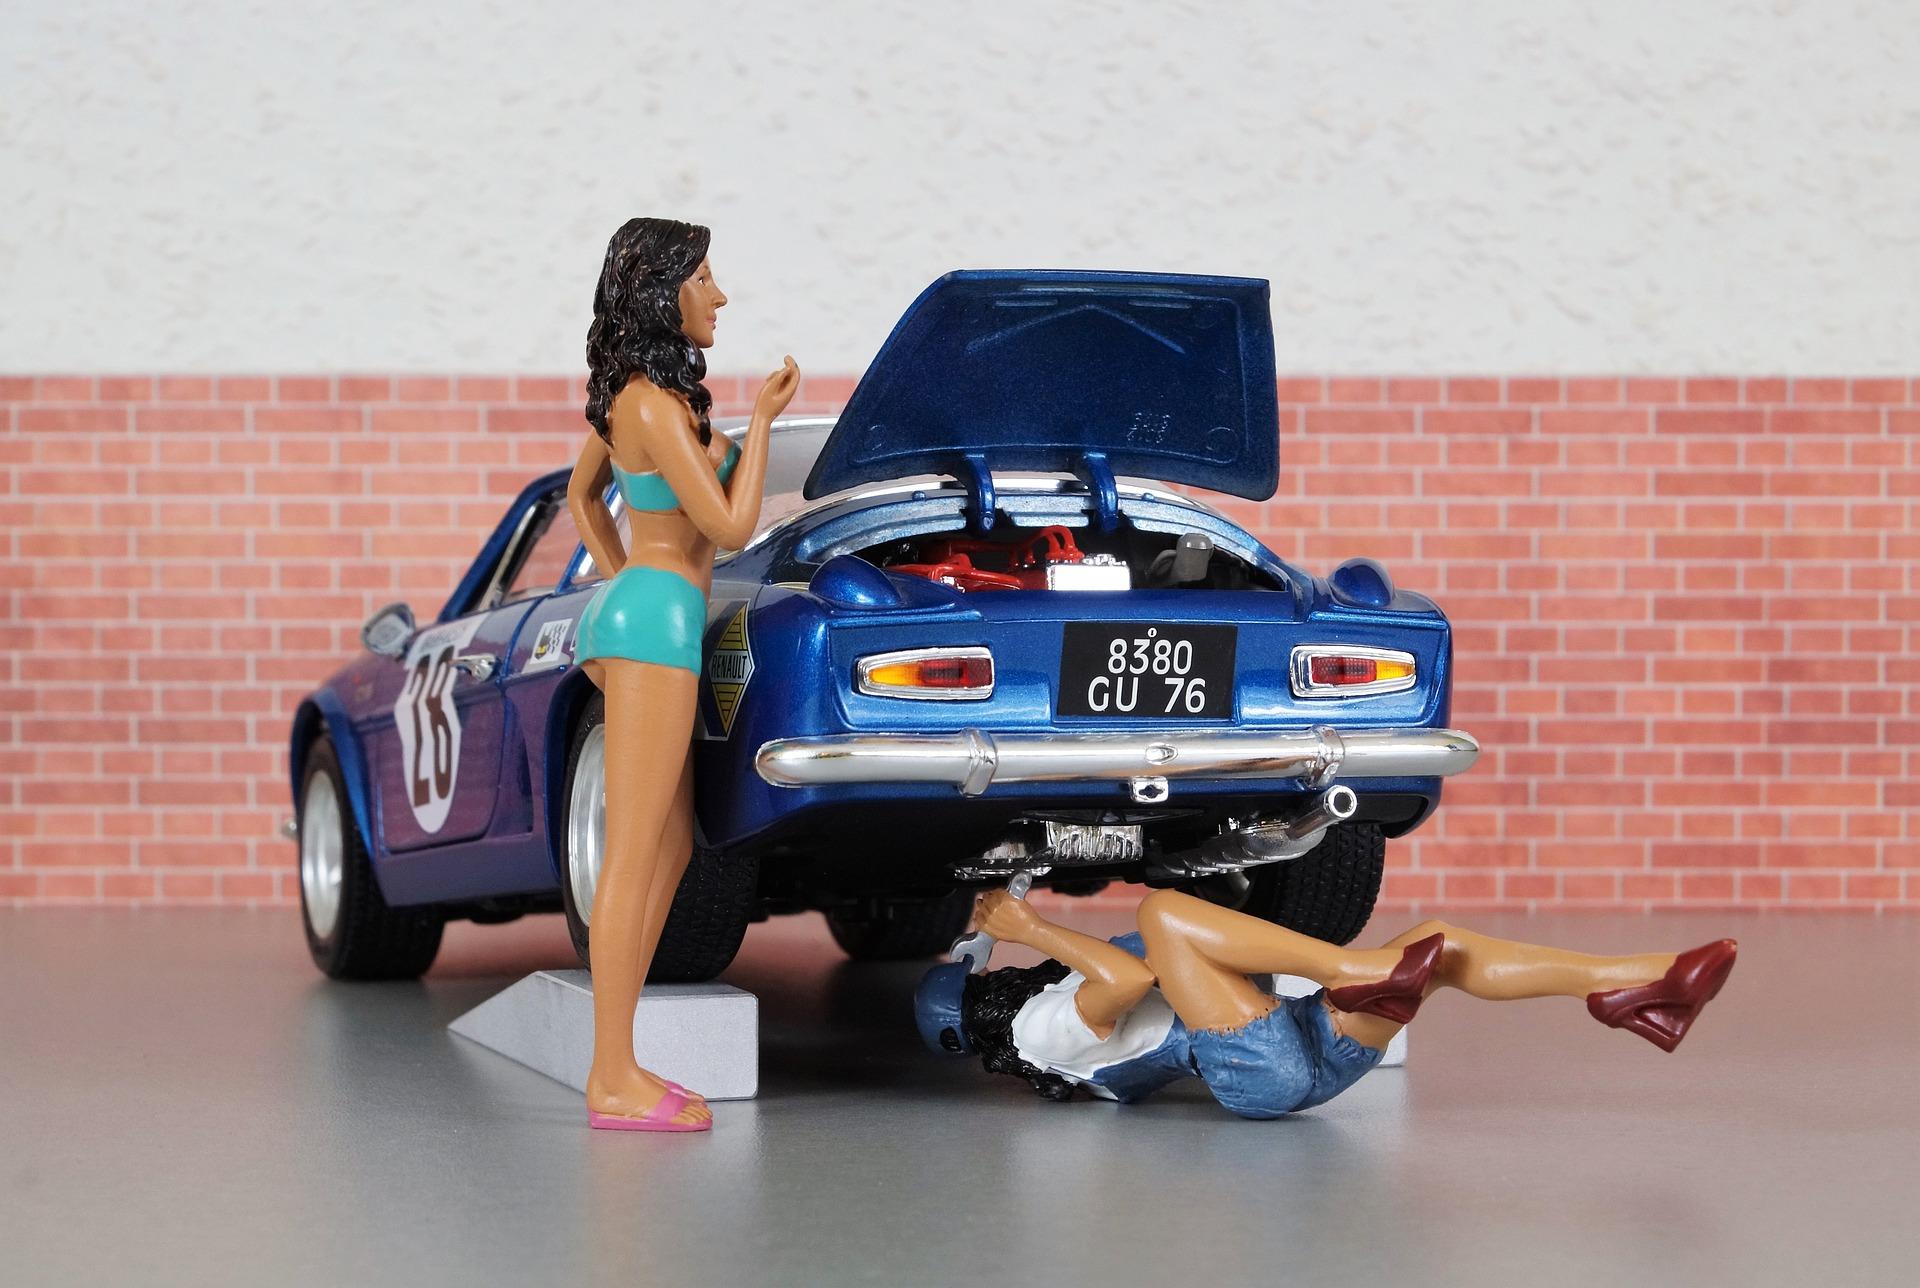 model-car-2091417_1920